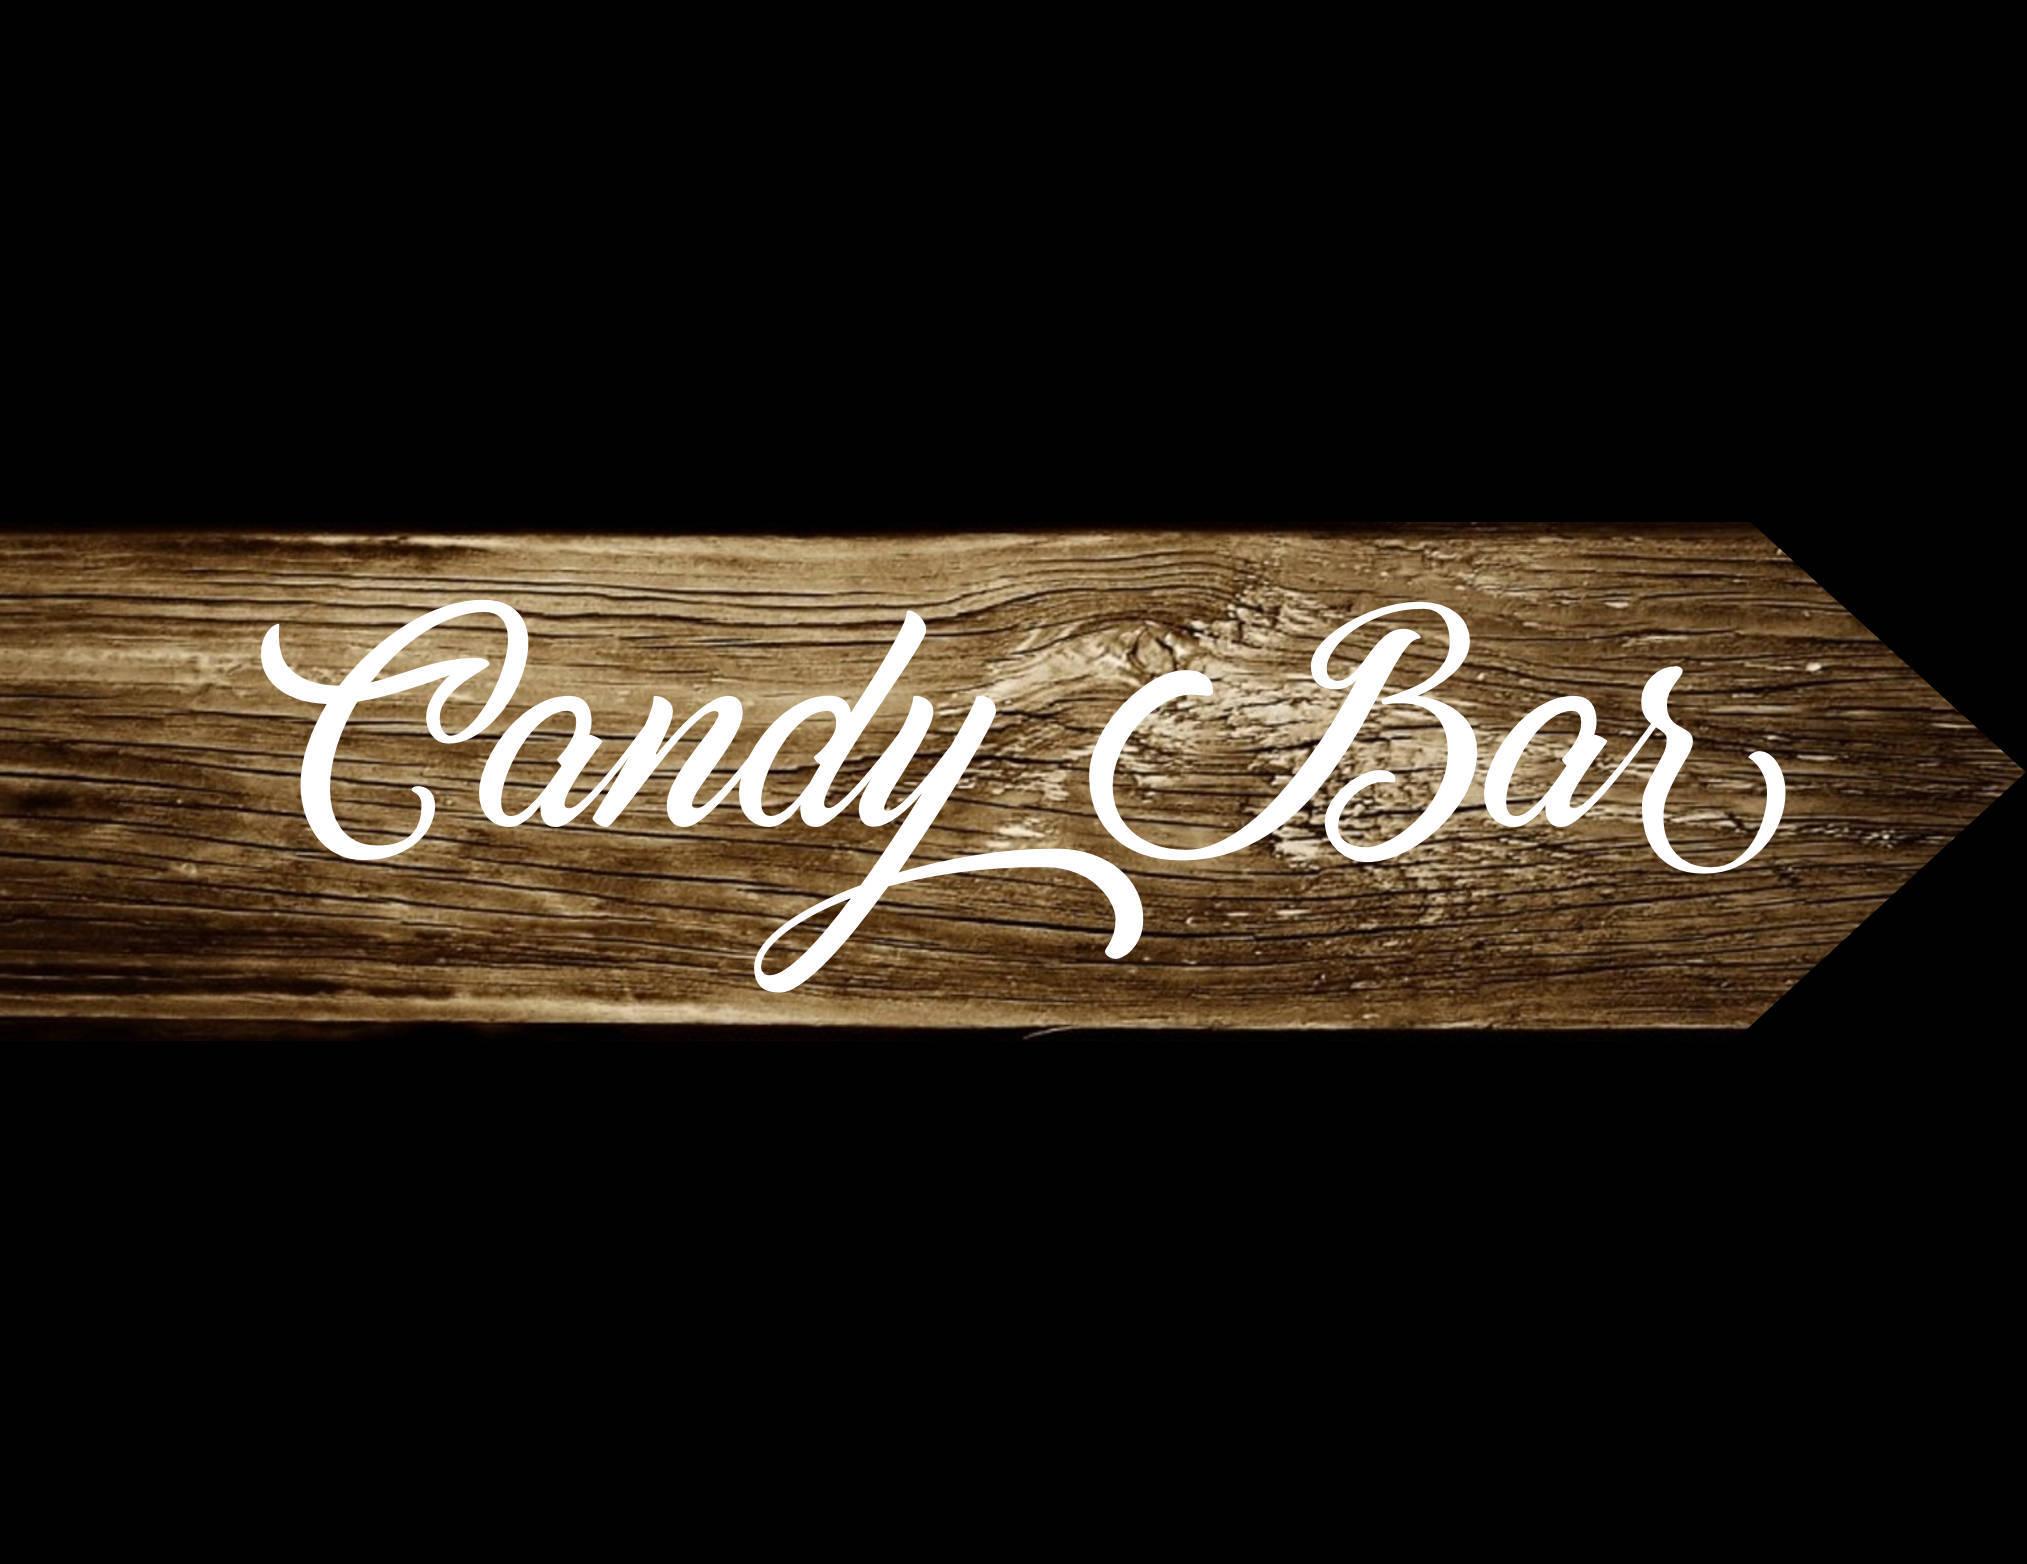 Pancarte Candy Bar, panneau directionnel bois de palette, signalétique mariage et fete, panneau bois, peint à la main